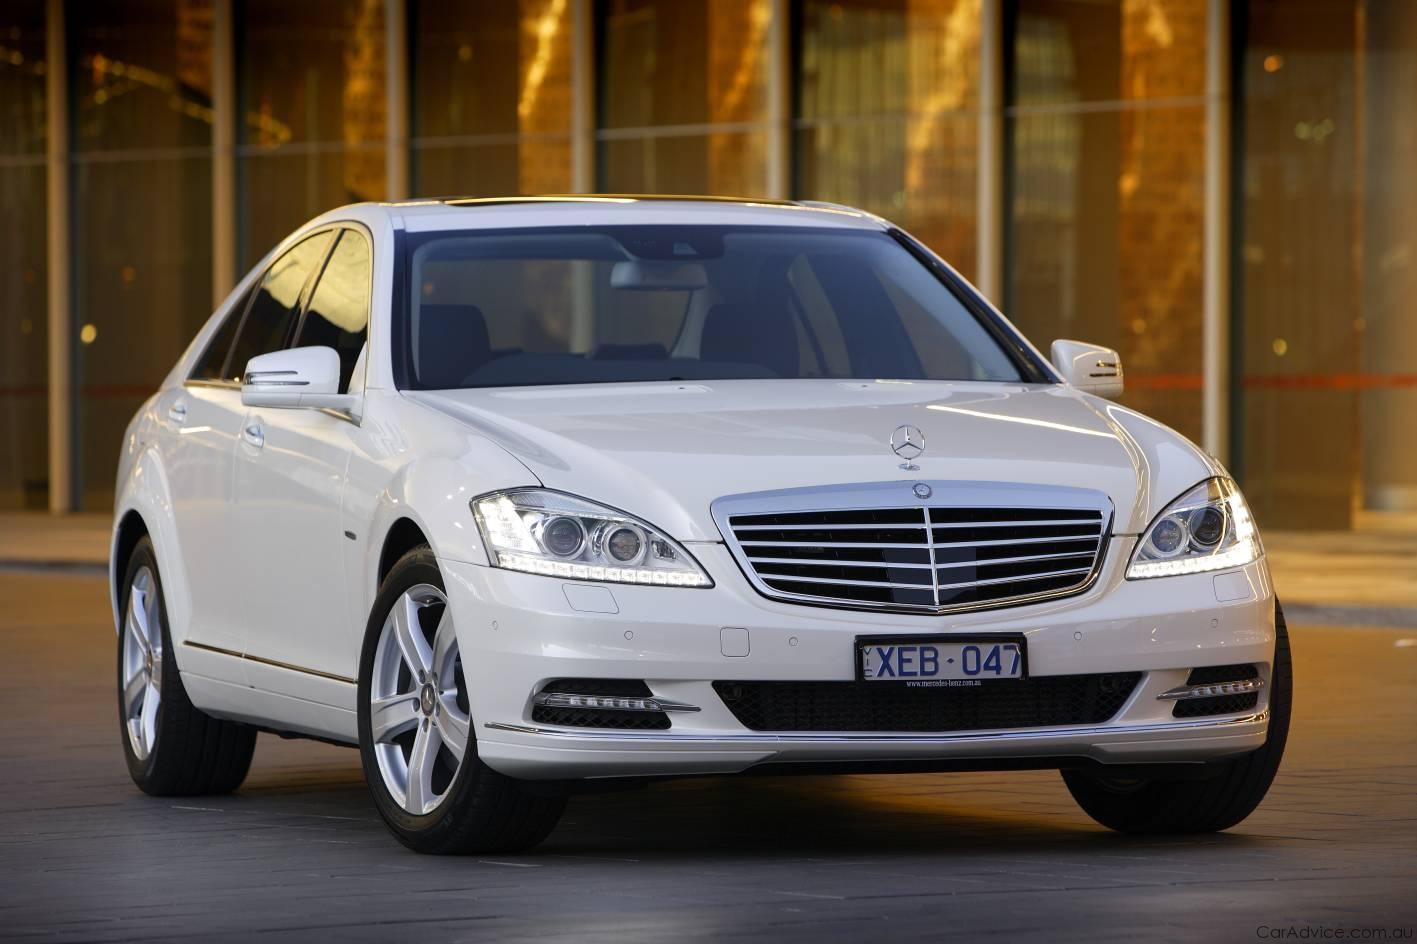 http://4.bp.blogspot.com/-zJWVEgpvlCU/TZmJ8X3vXFI/AAAAAAAAyg4/tqXpPbBcEGY/s1600/2009-Mercedes-Benz-S-Class-12.jpg